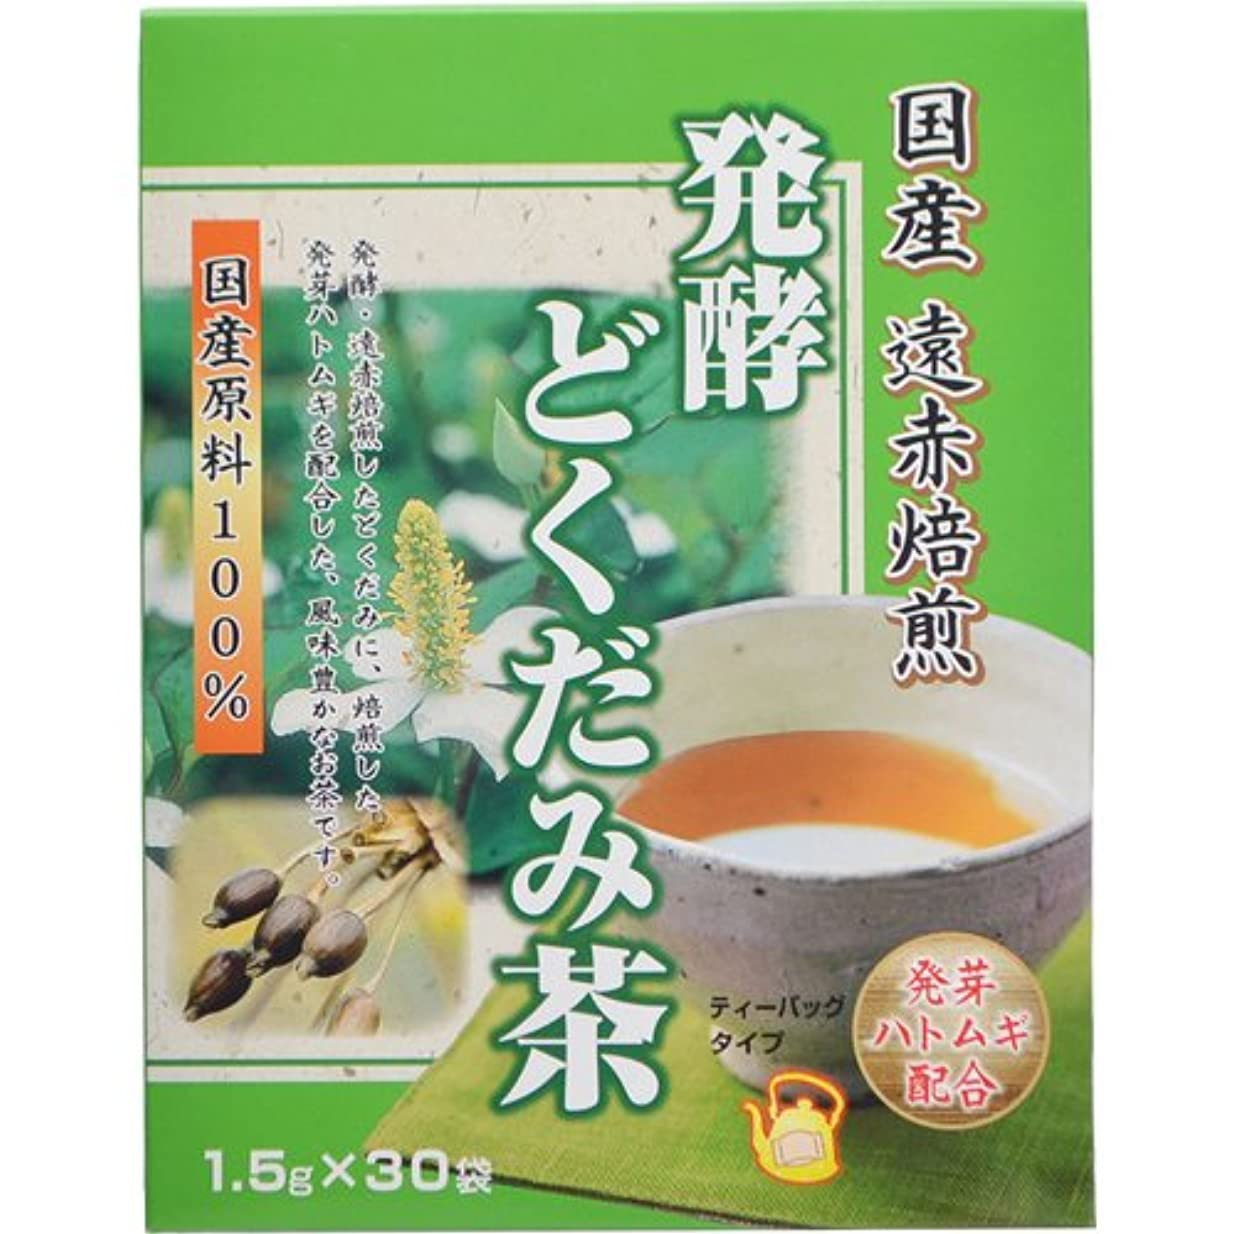 集計気配りのある間に合わせ発酵どくだみ茶 1.5gX30袋